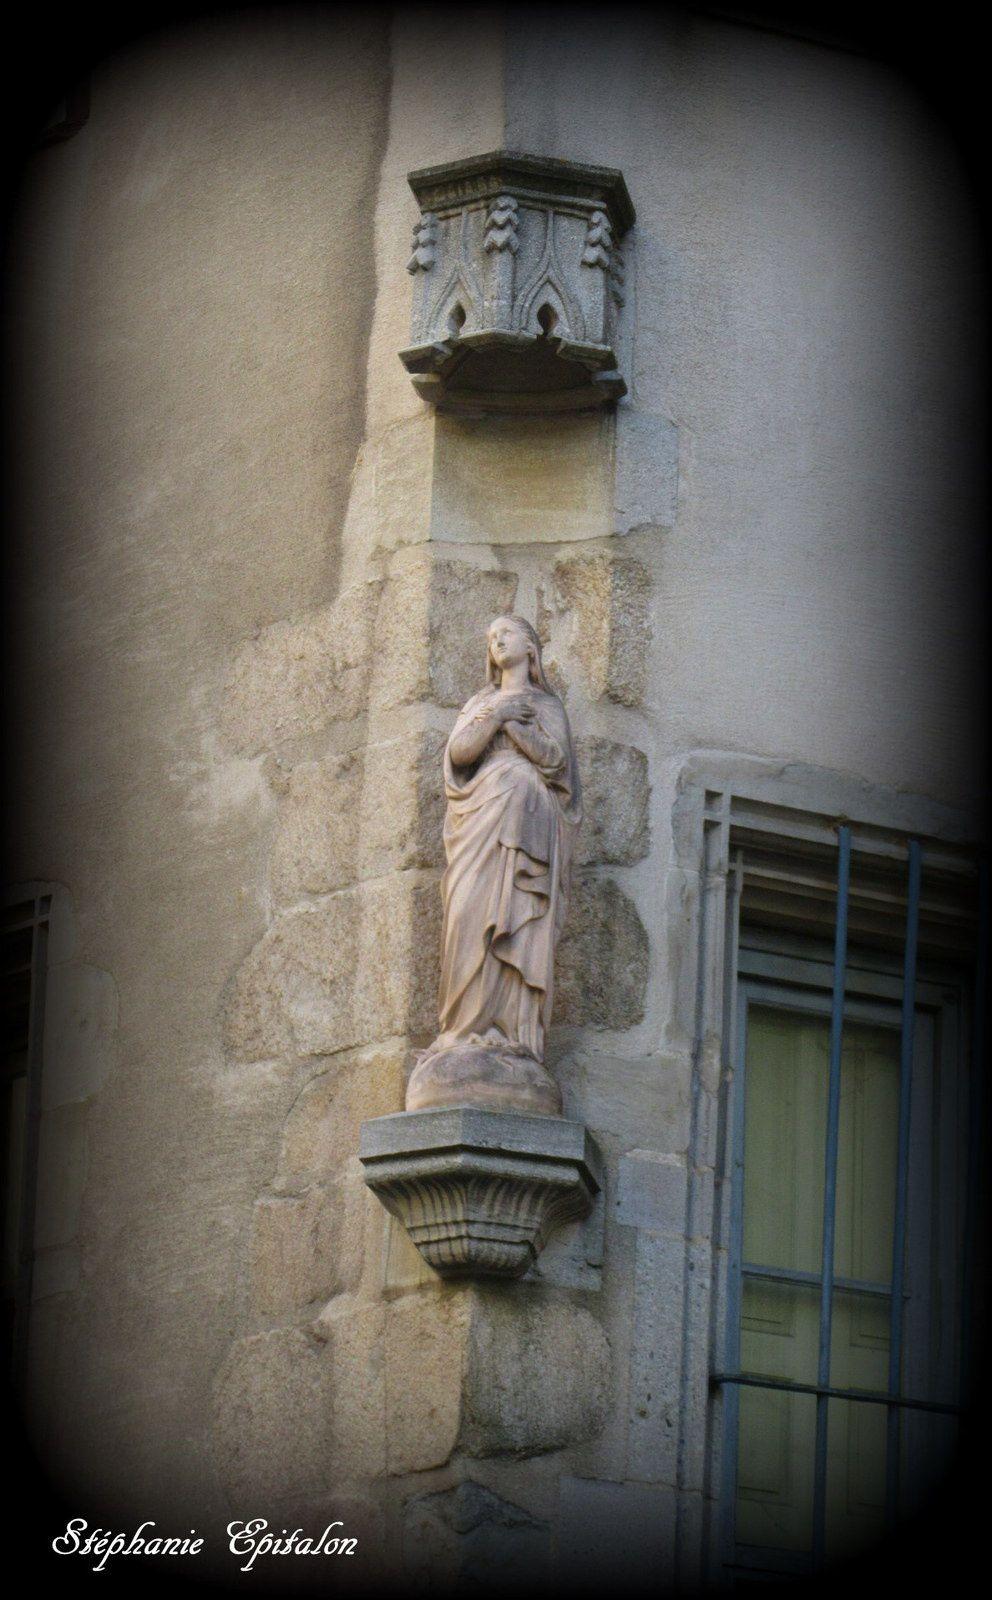 Ville de Montbrison 42600, Loire